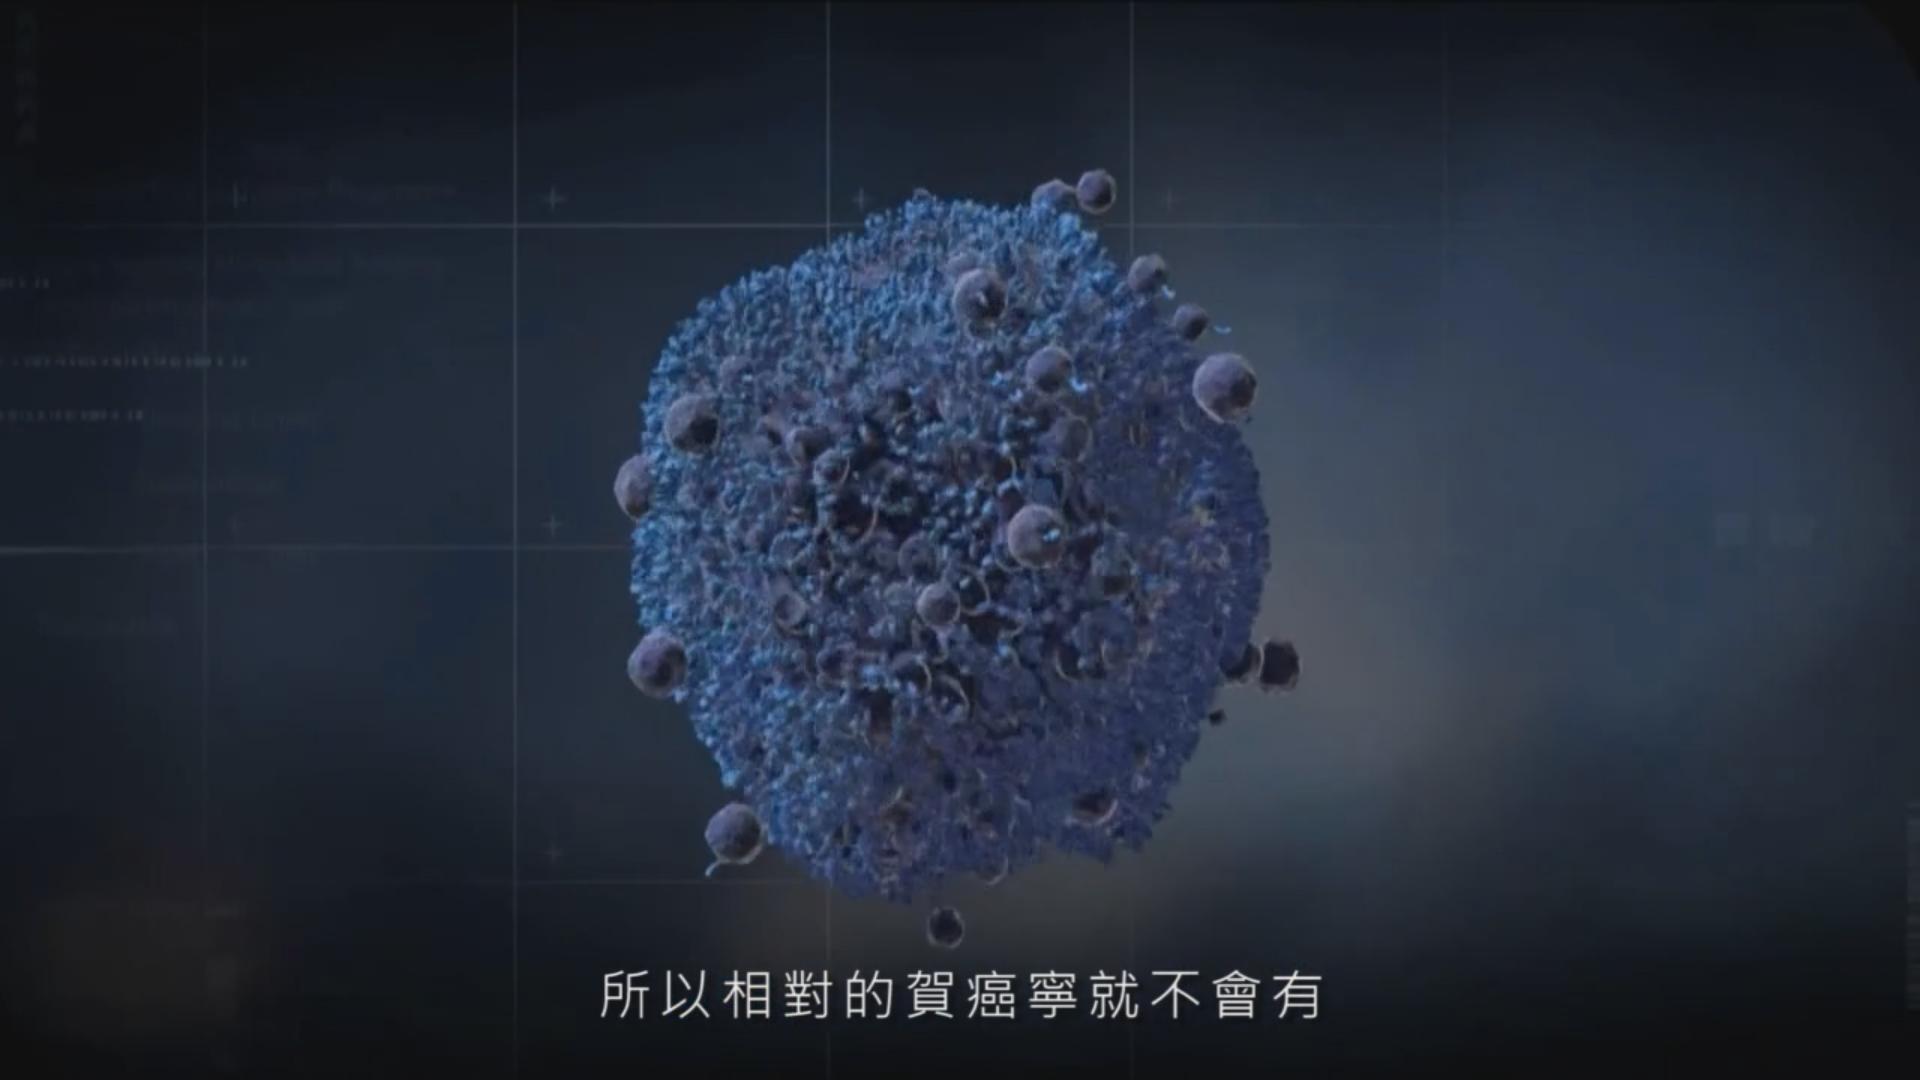 中國醫藥大學附設醫院醫療獎紀錄片